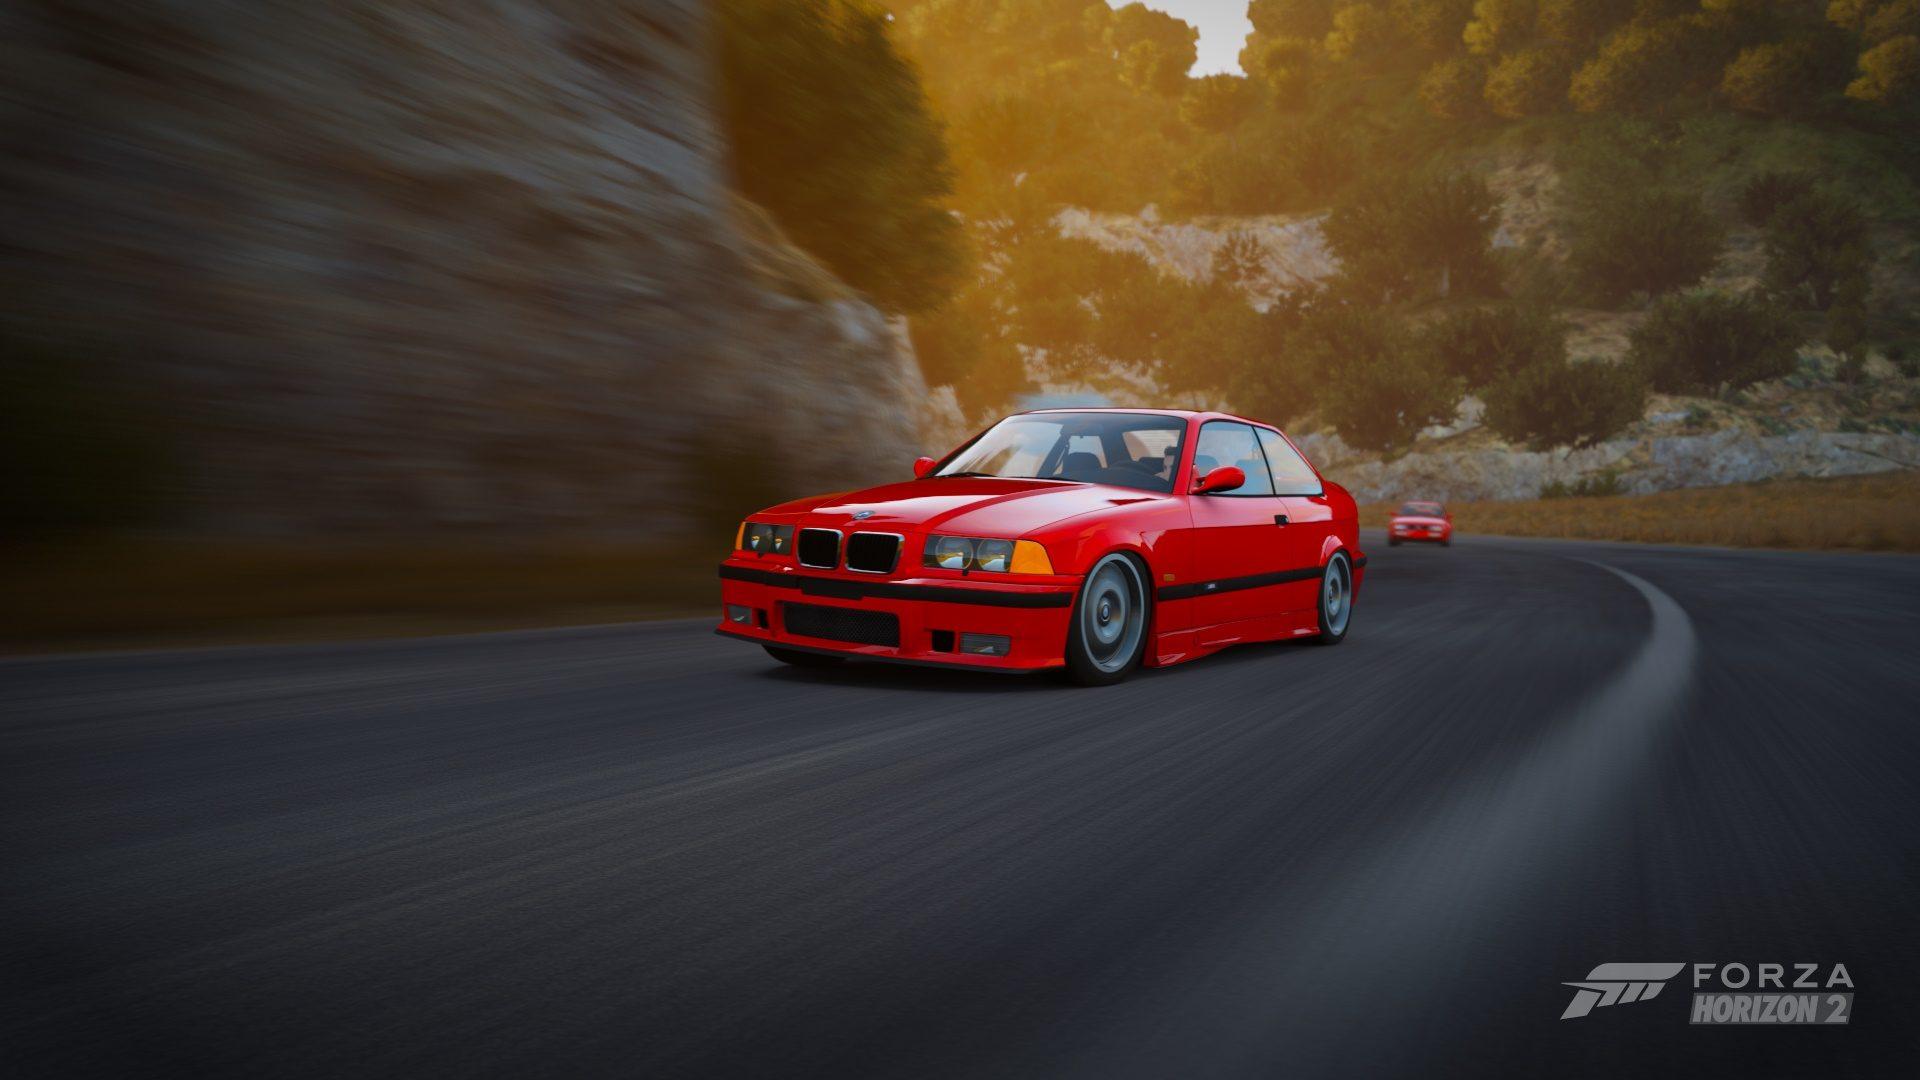 E36 susp front.jpg